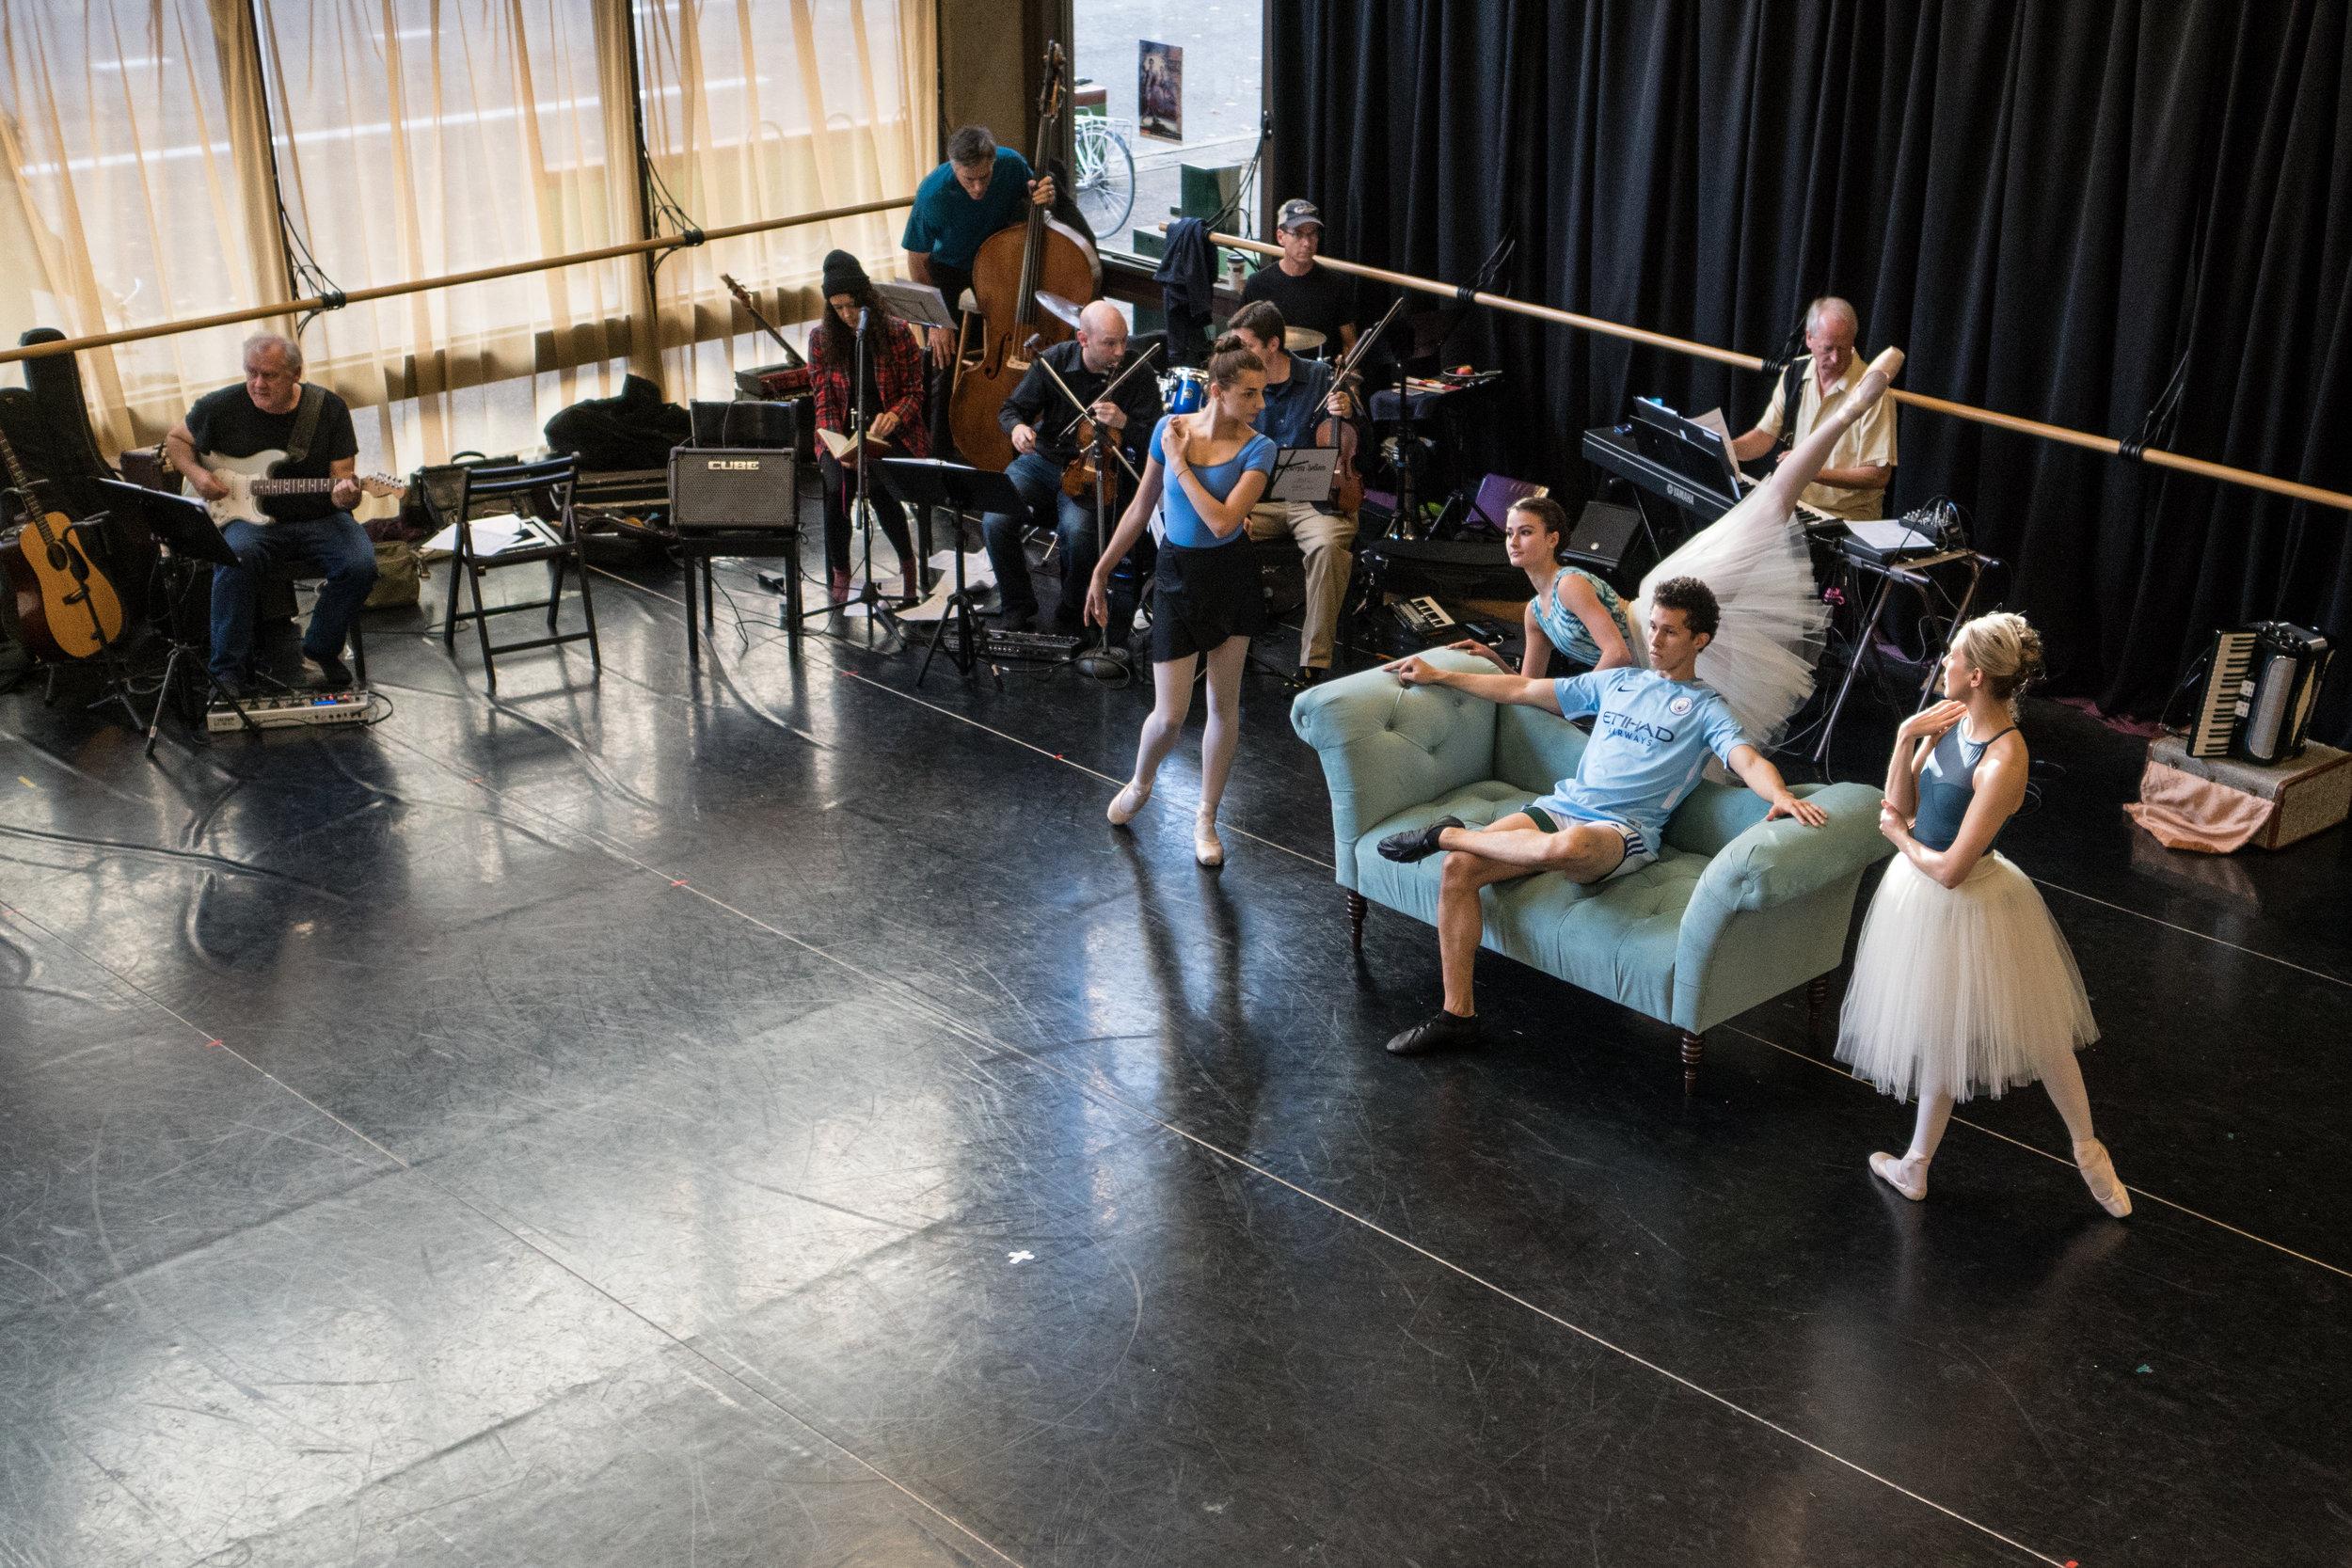 ballet fantastique dancers at work in city center for dance // bob williams